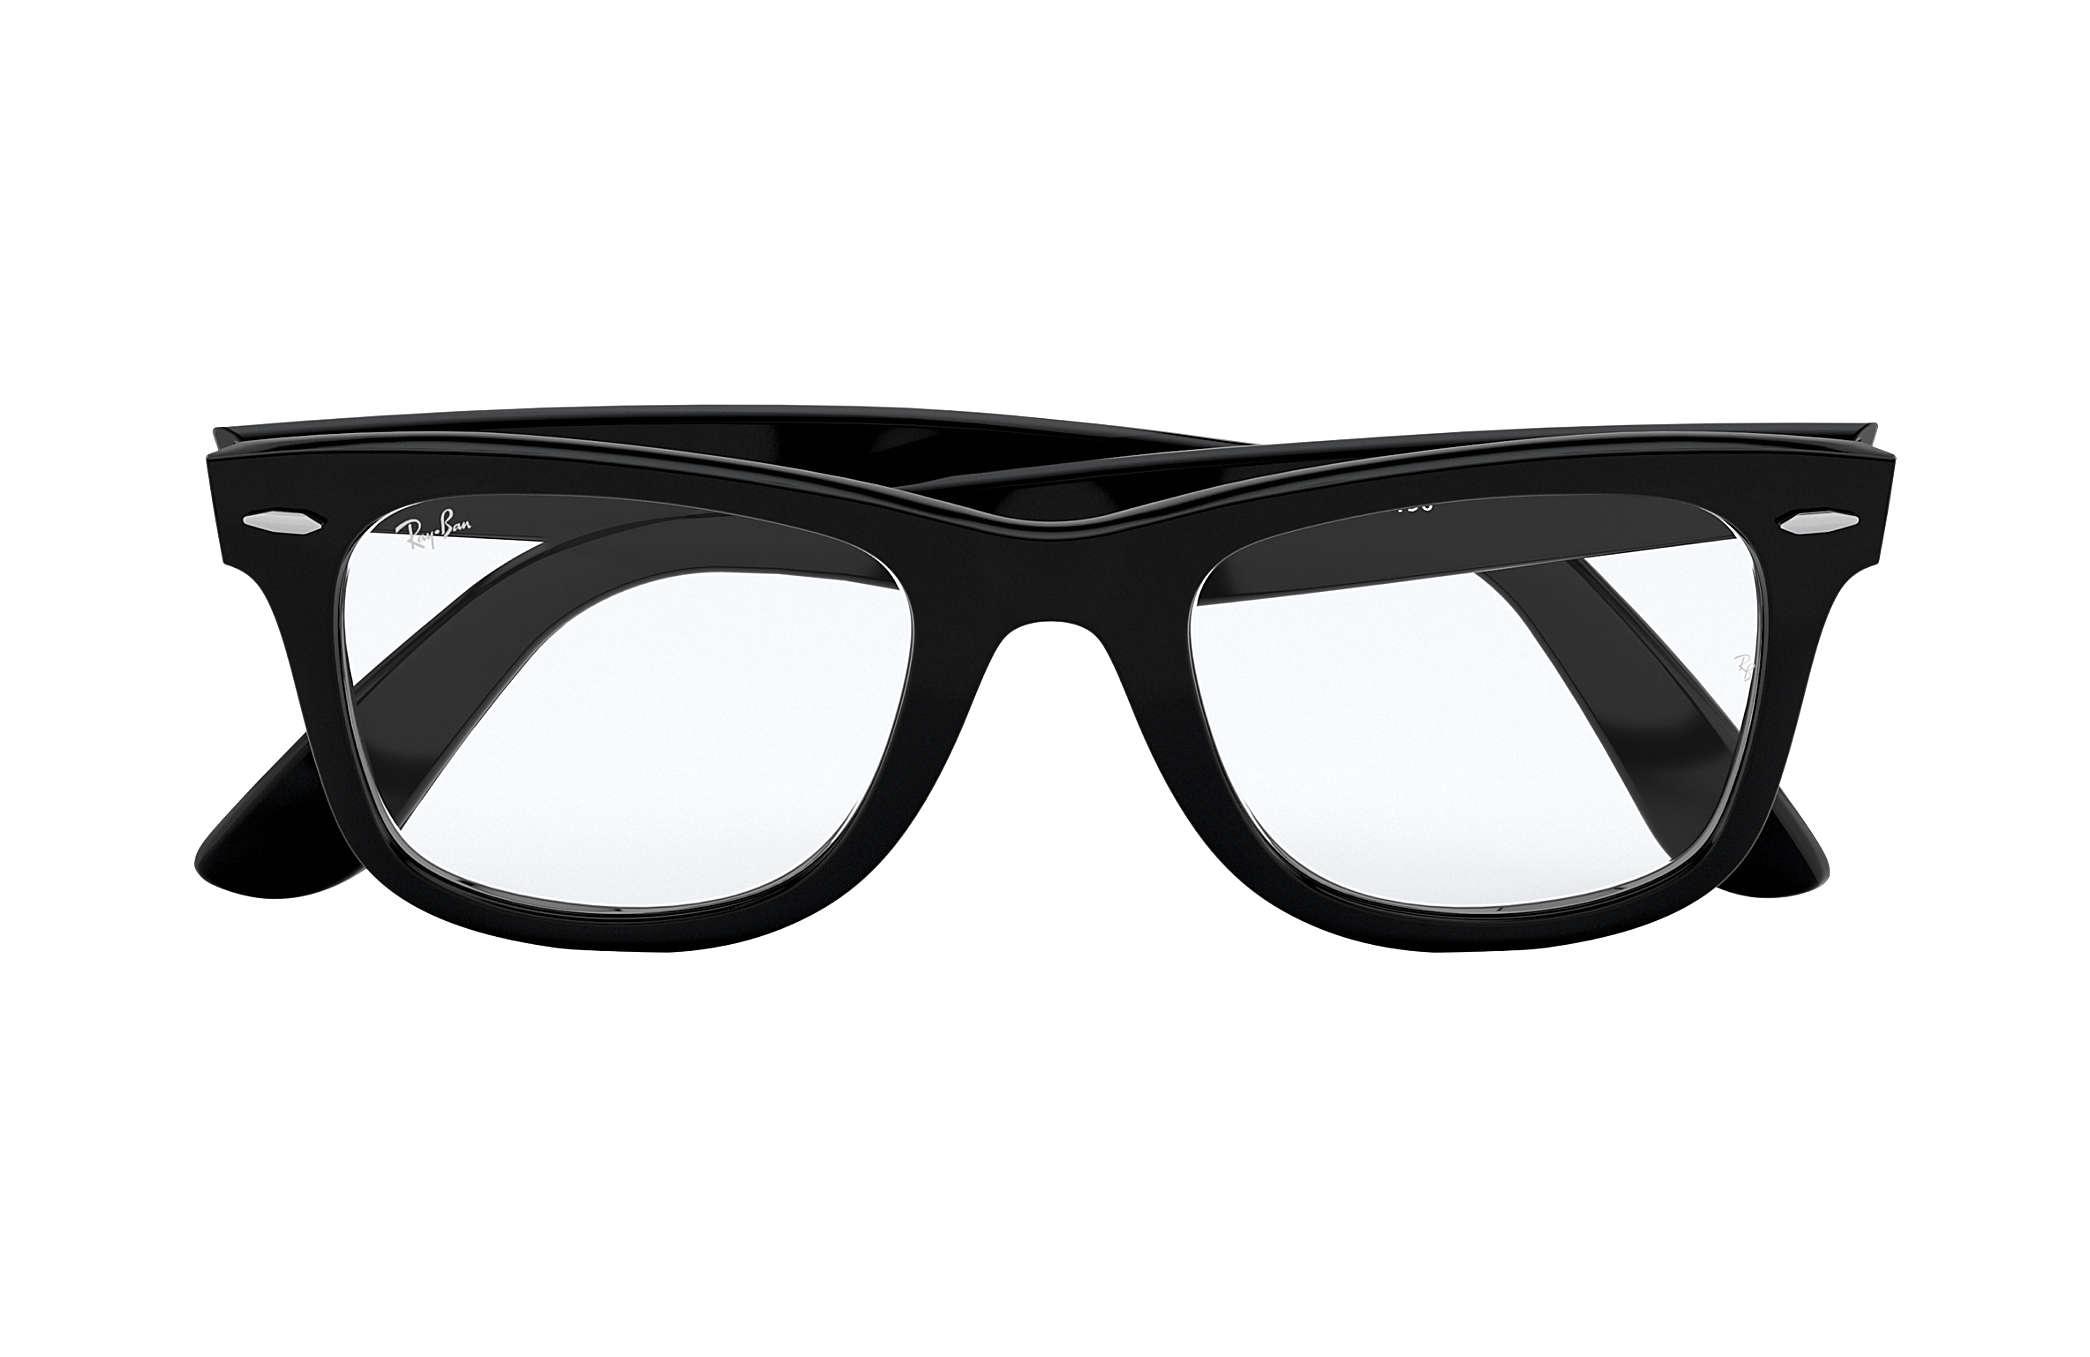 Ray-Ban prescription glasses Original Wayfarer Optics RB5121 Black ... 1d33c34793166